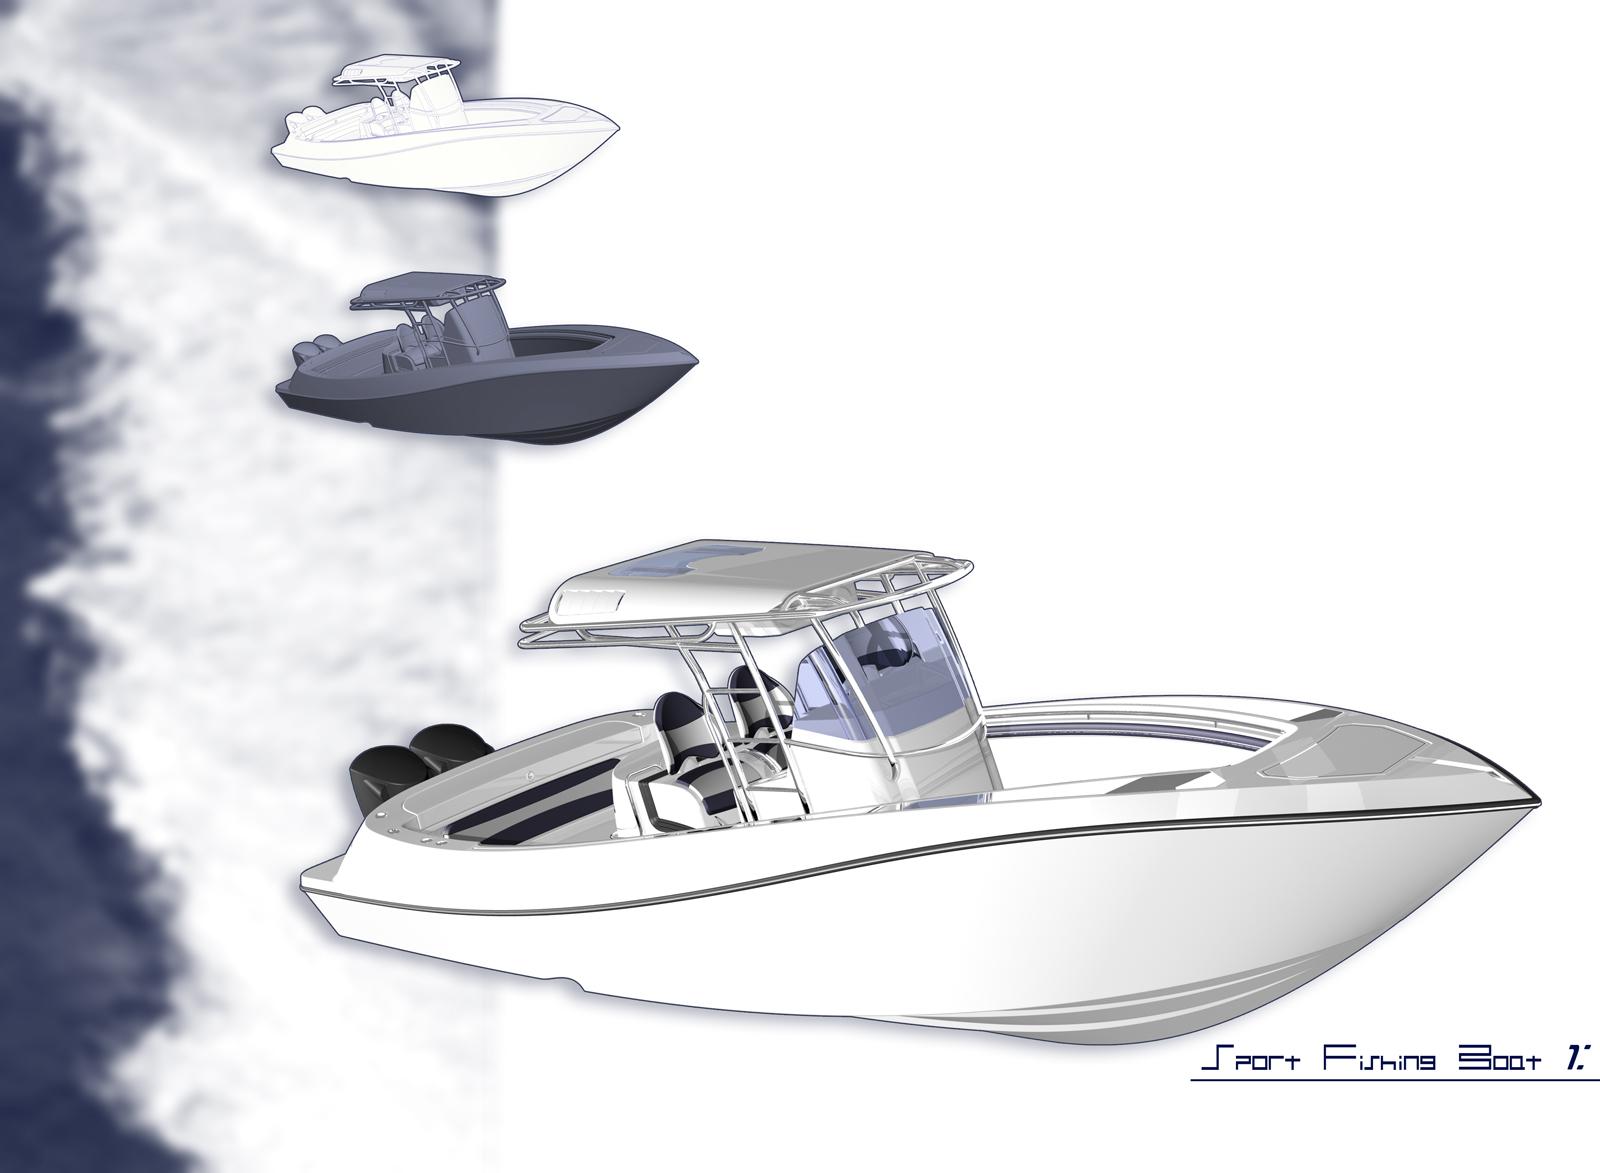 ... building plans aluminum jet boat plans aluminum boat design plans free